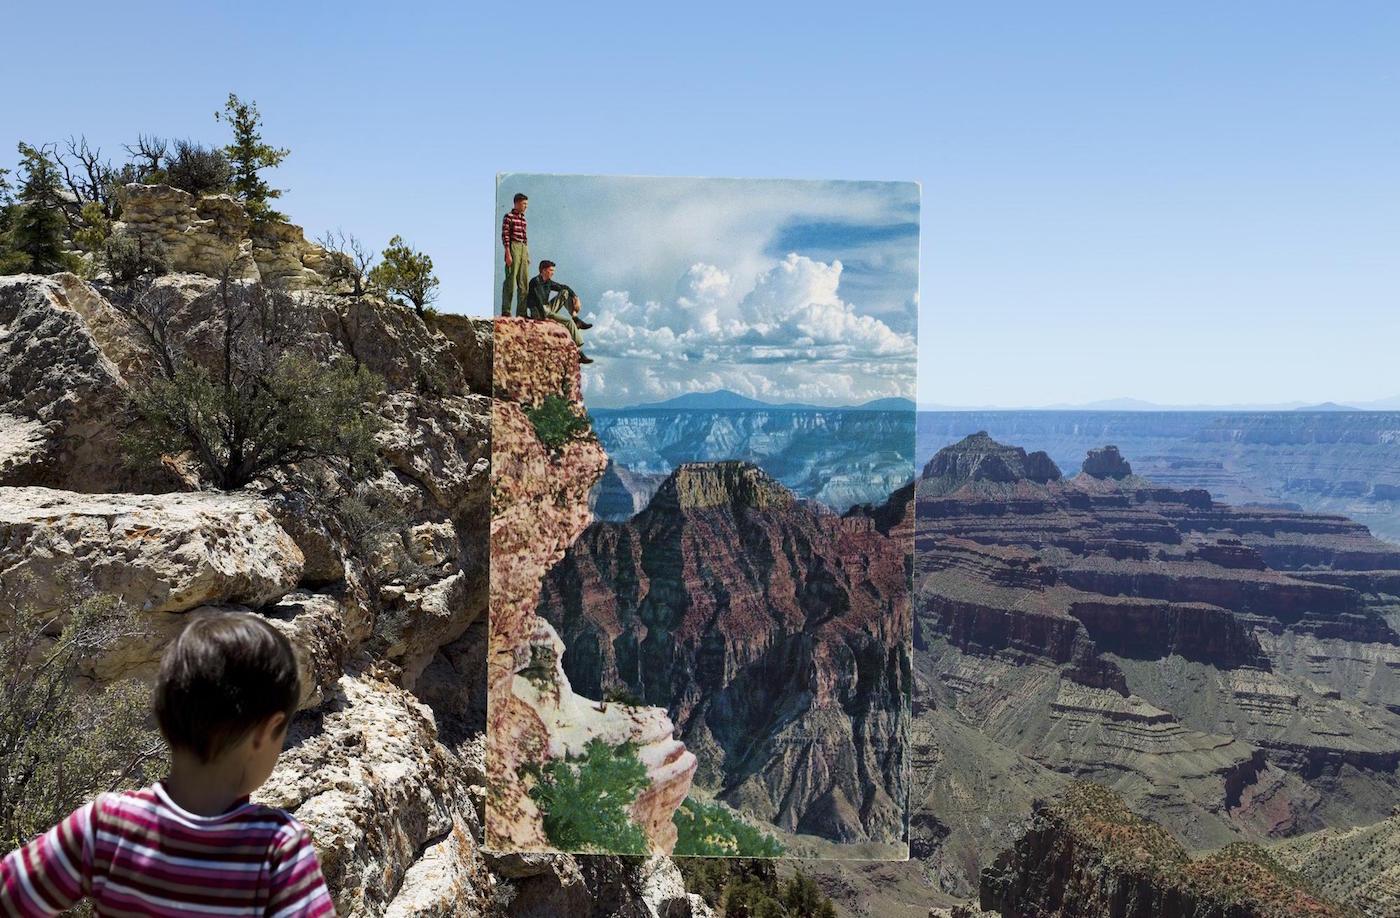 ¿Cómo la fotografía ha formado como se ven los parques nacionales?